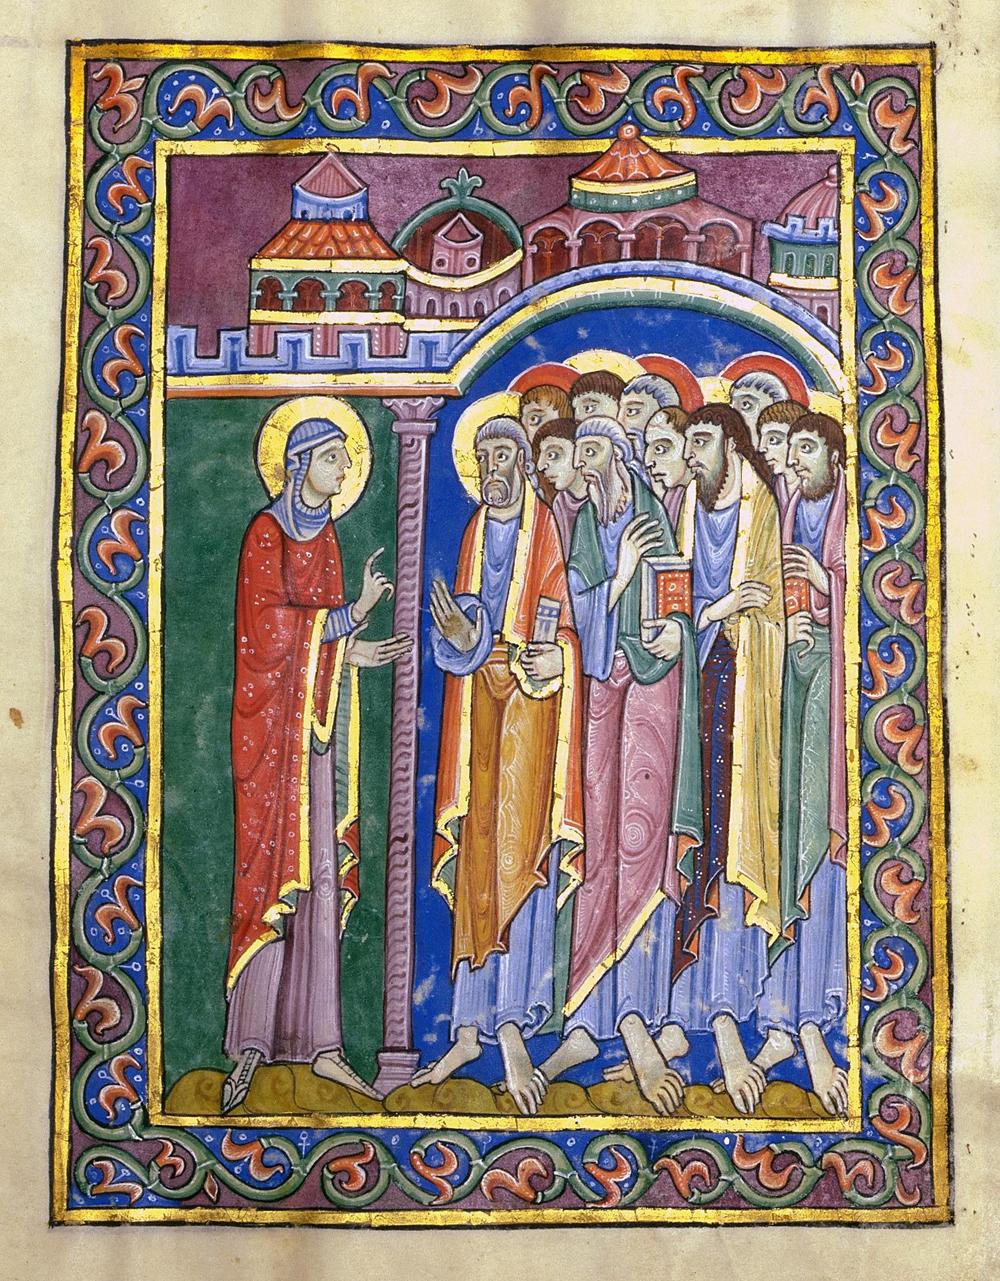 Berlin evangelium ägyptisches maria der magdalena museum gefunden?: Forscher